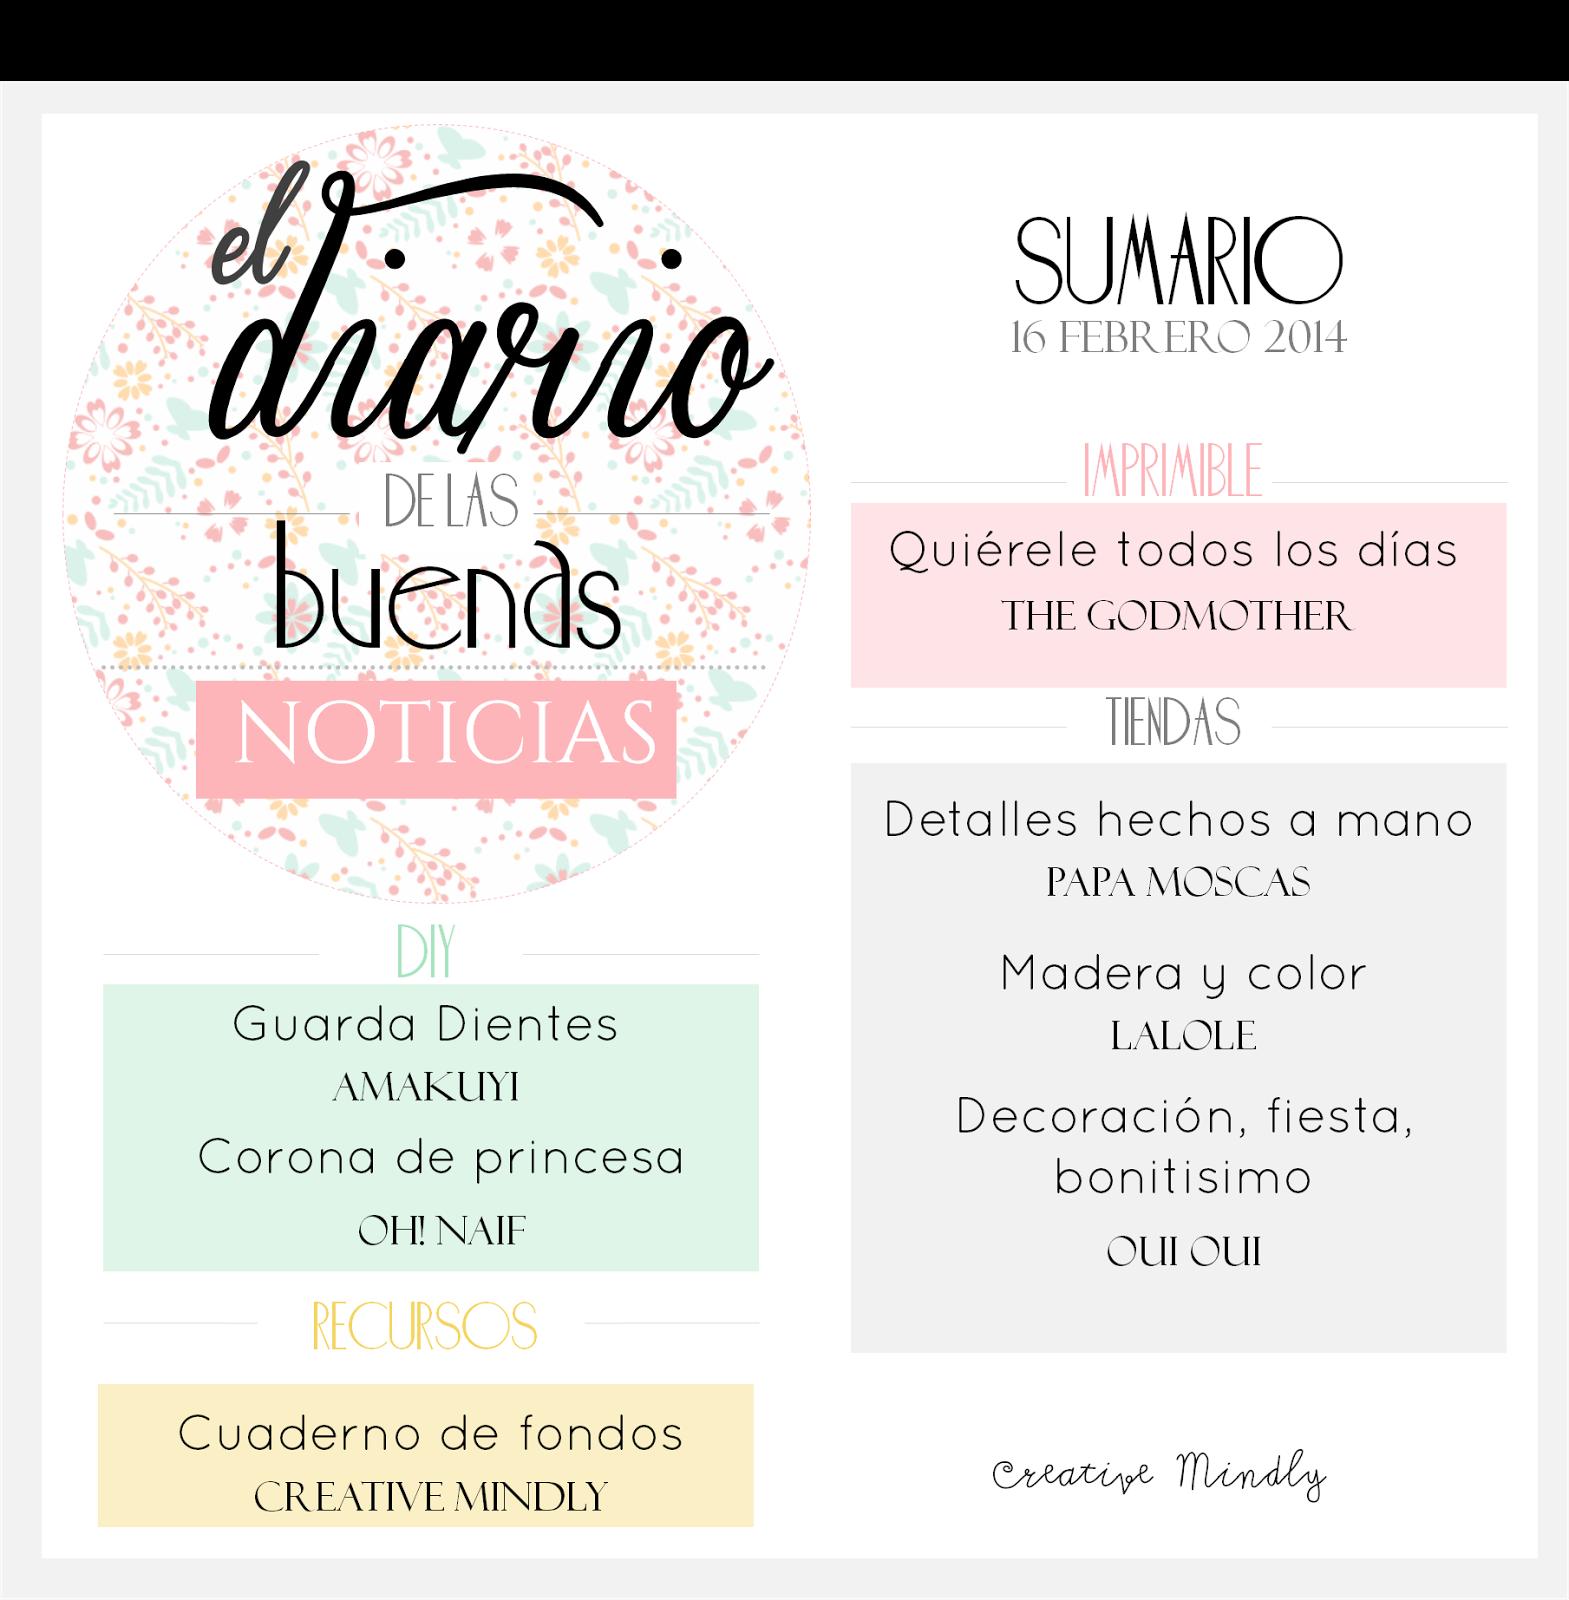 Coronas Para Decorar Cuadernos.Creative Mindly El Diario De Las Buenas Noticias Xxxiii